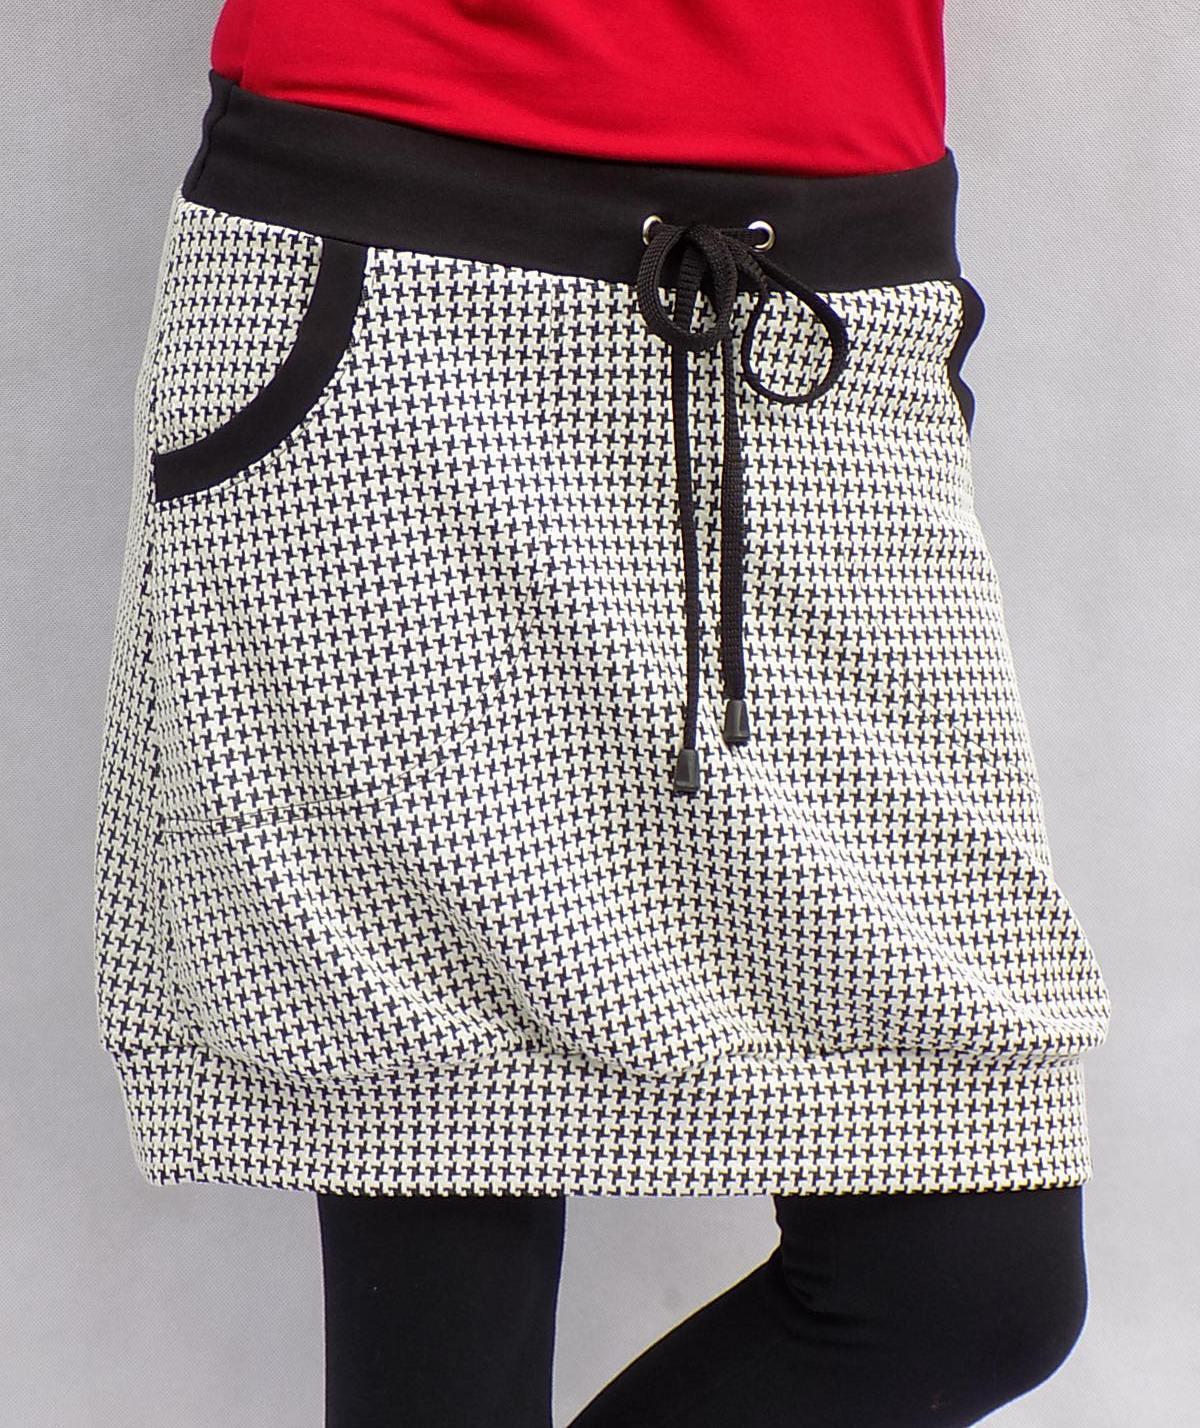 Černobílá sukně...vel. L XL   Zboží prodejce LaPanika  d7bb08da2b7